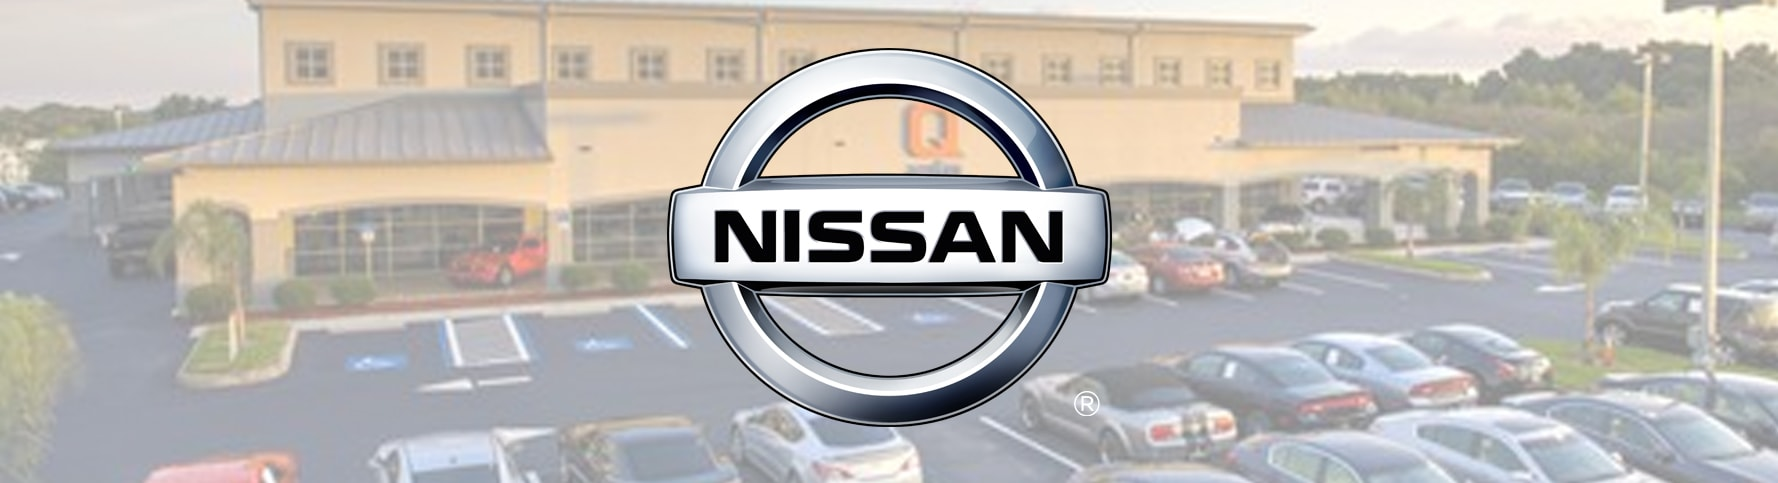 Brandon Nissan Dealer Near Me